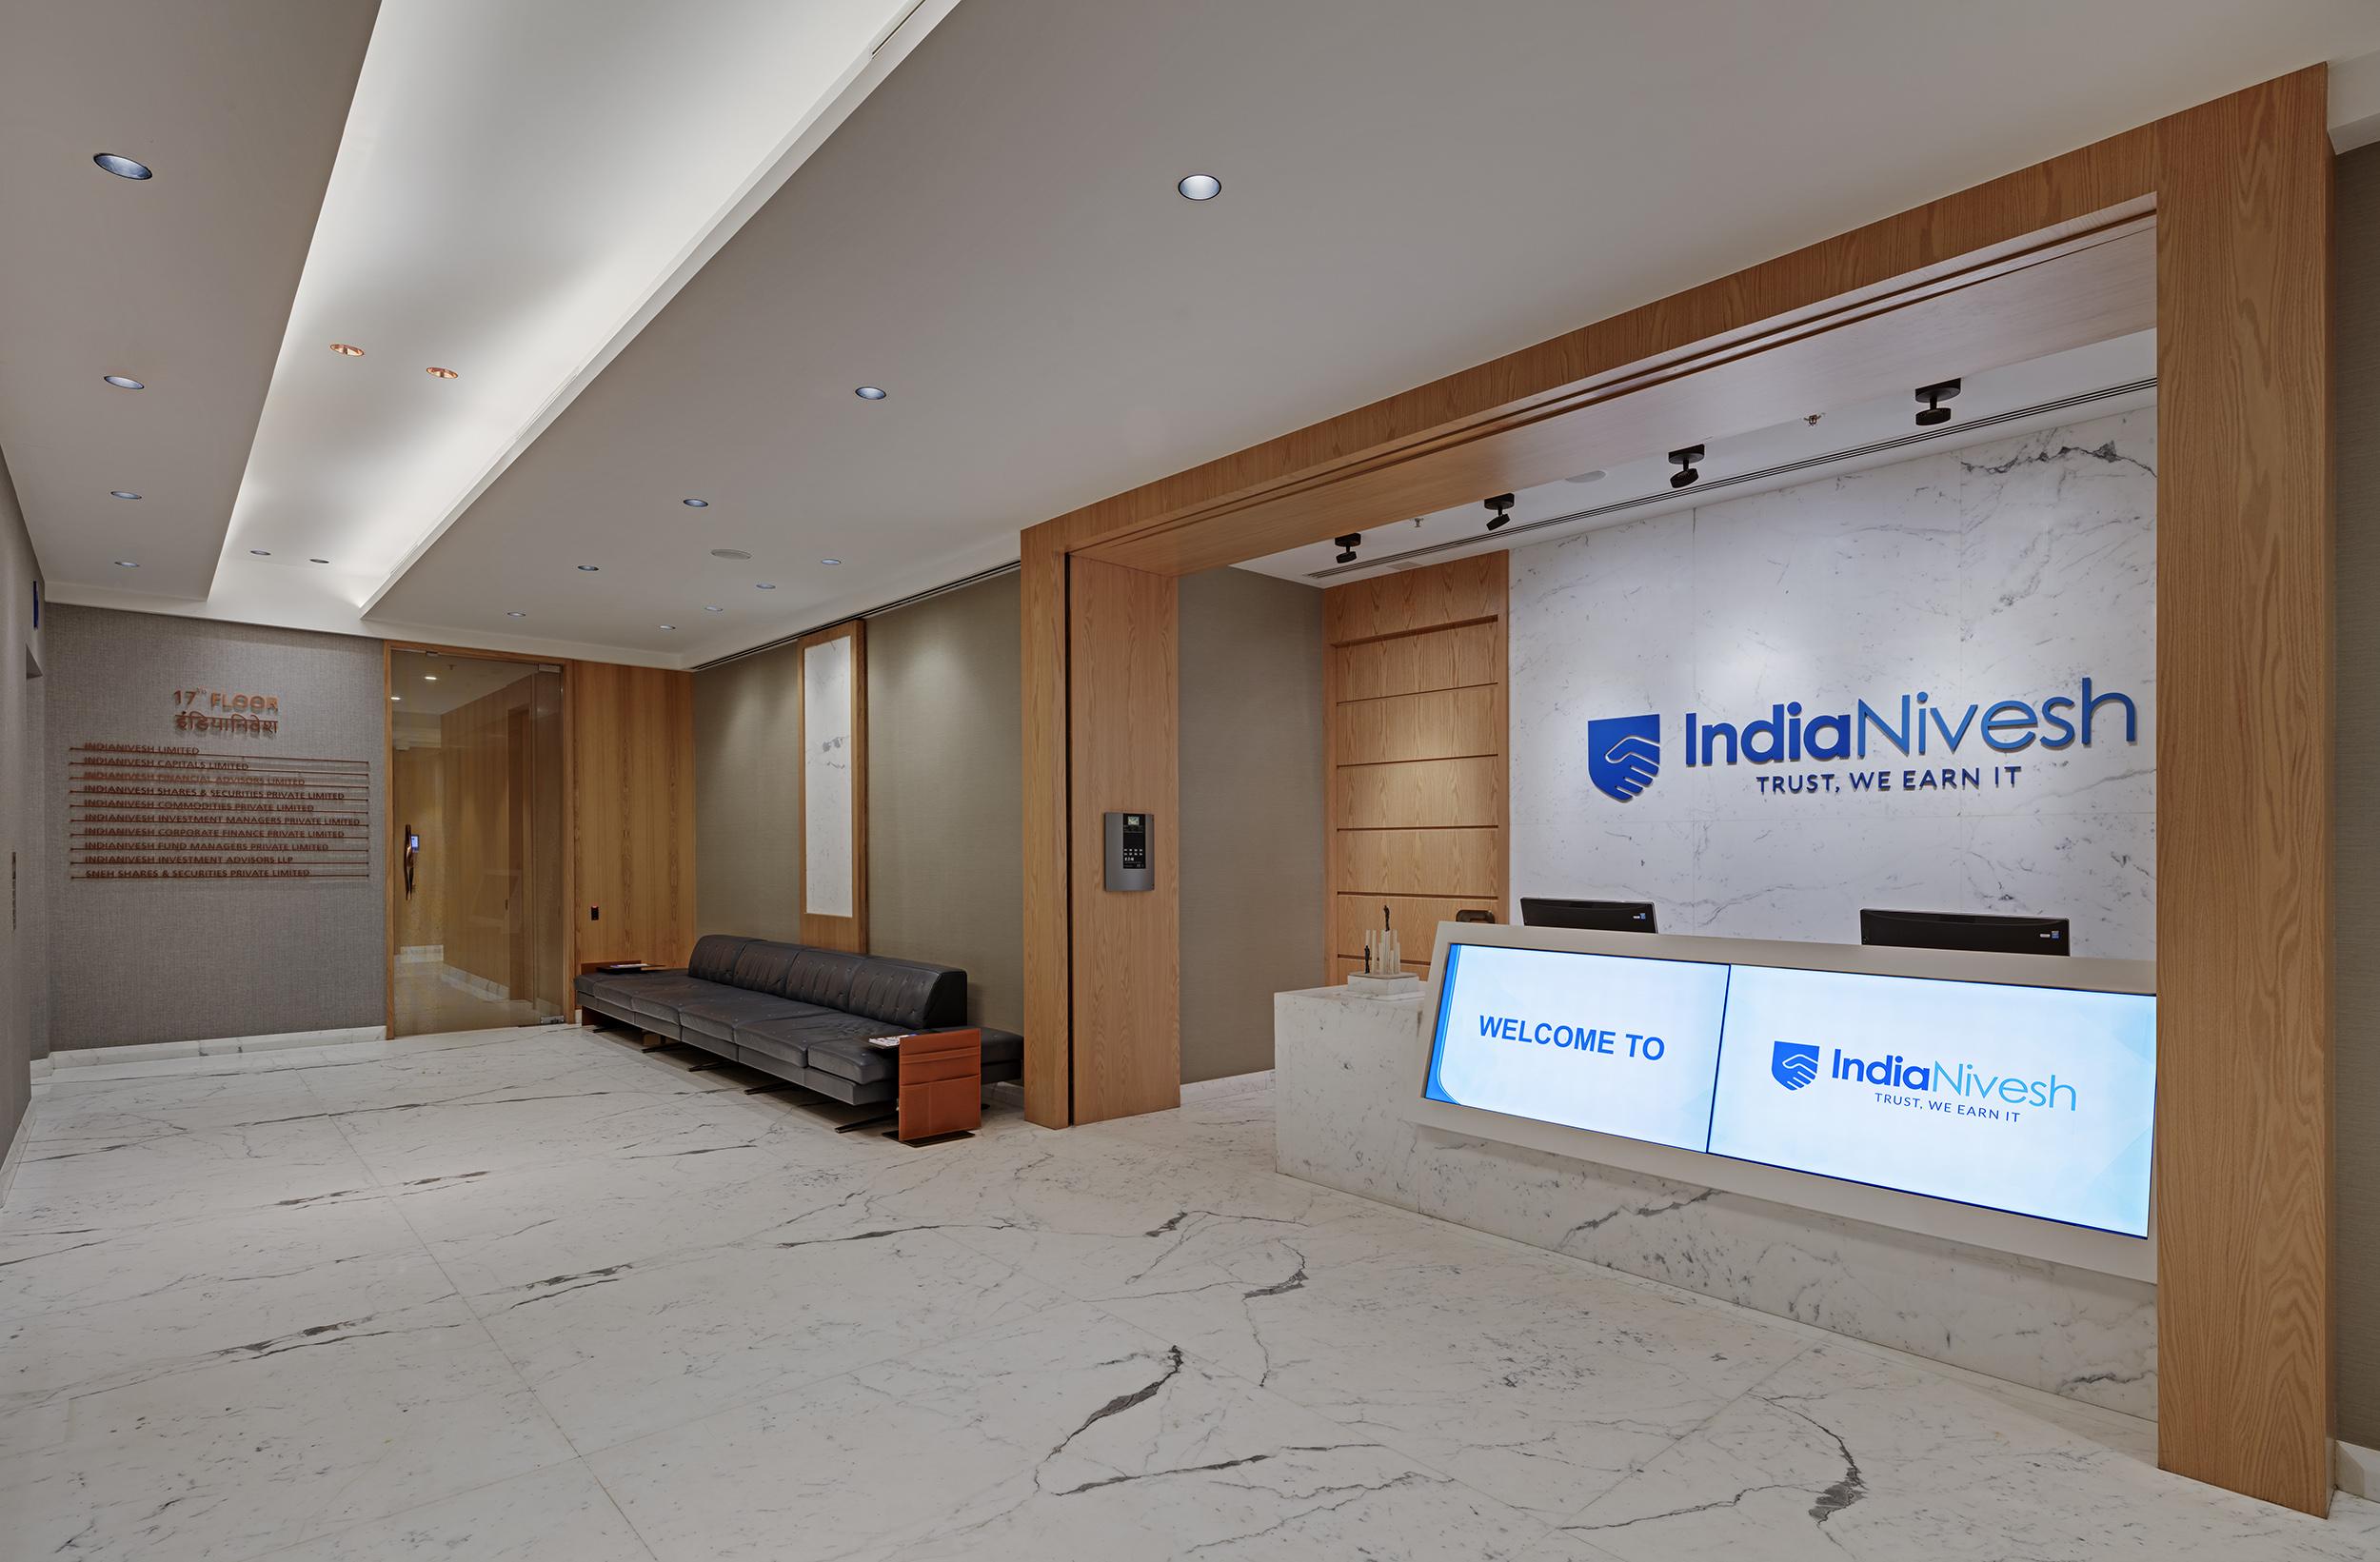 India Nivesh Zz Architects Among Indias Leading Luxury